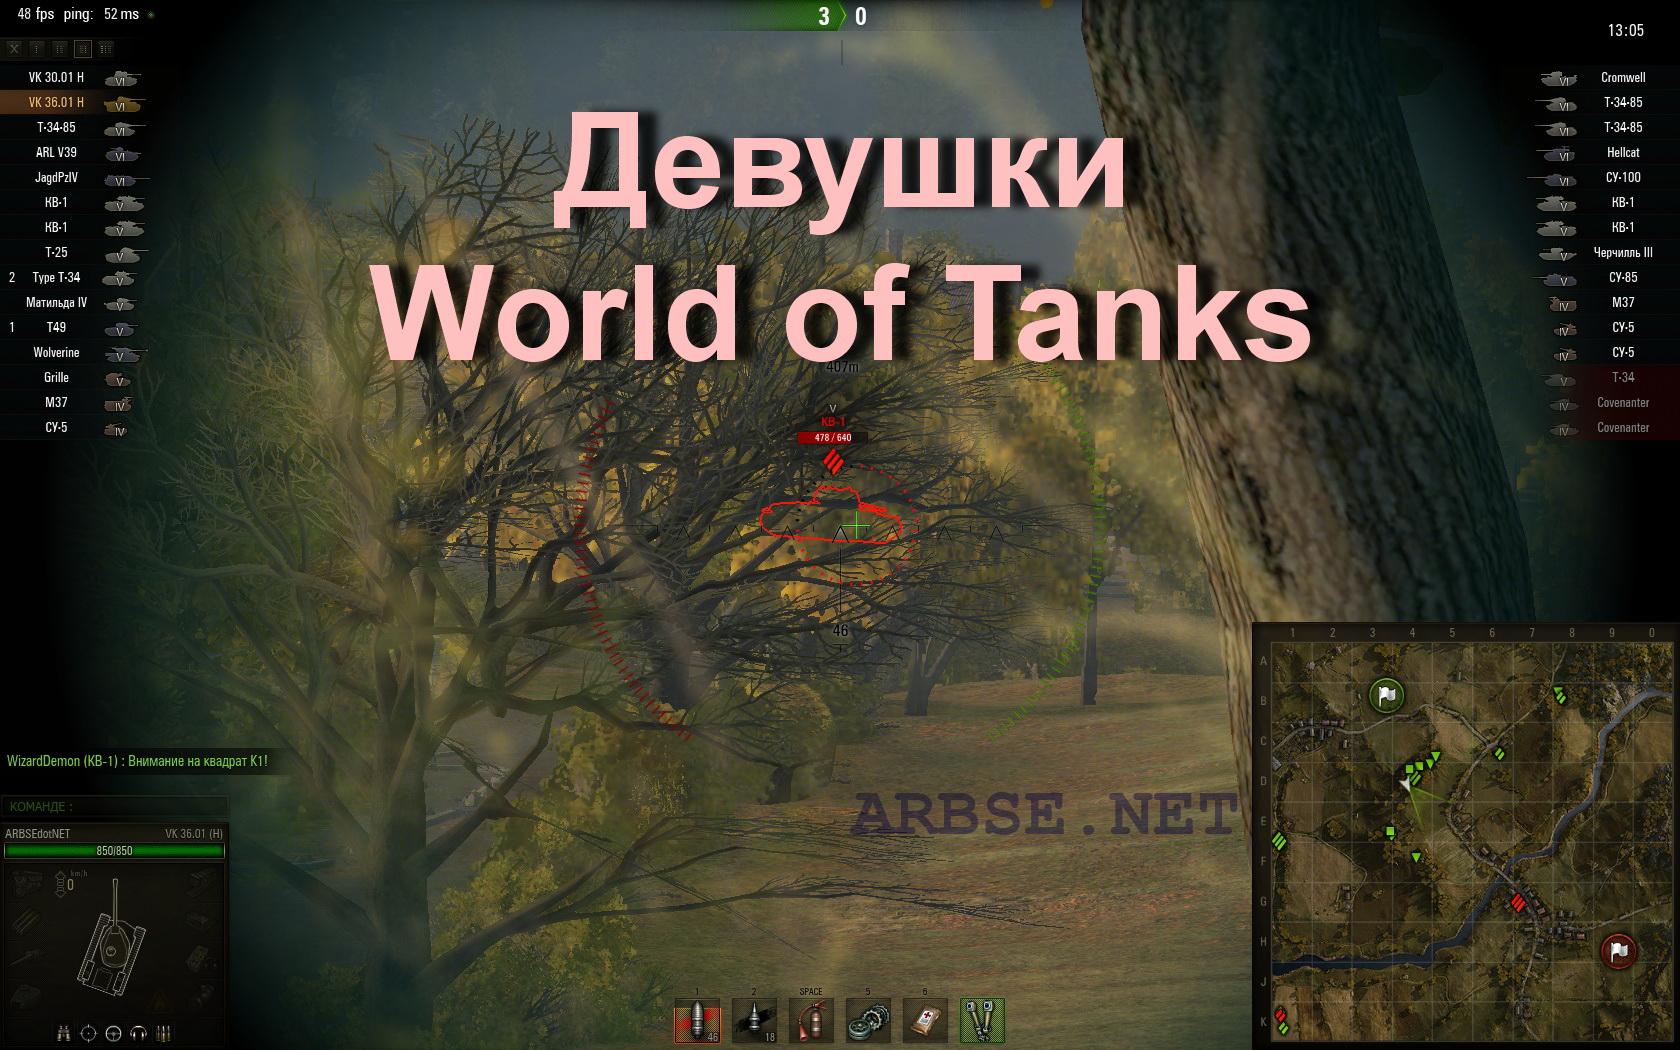 Фото девушки с танками wot